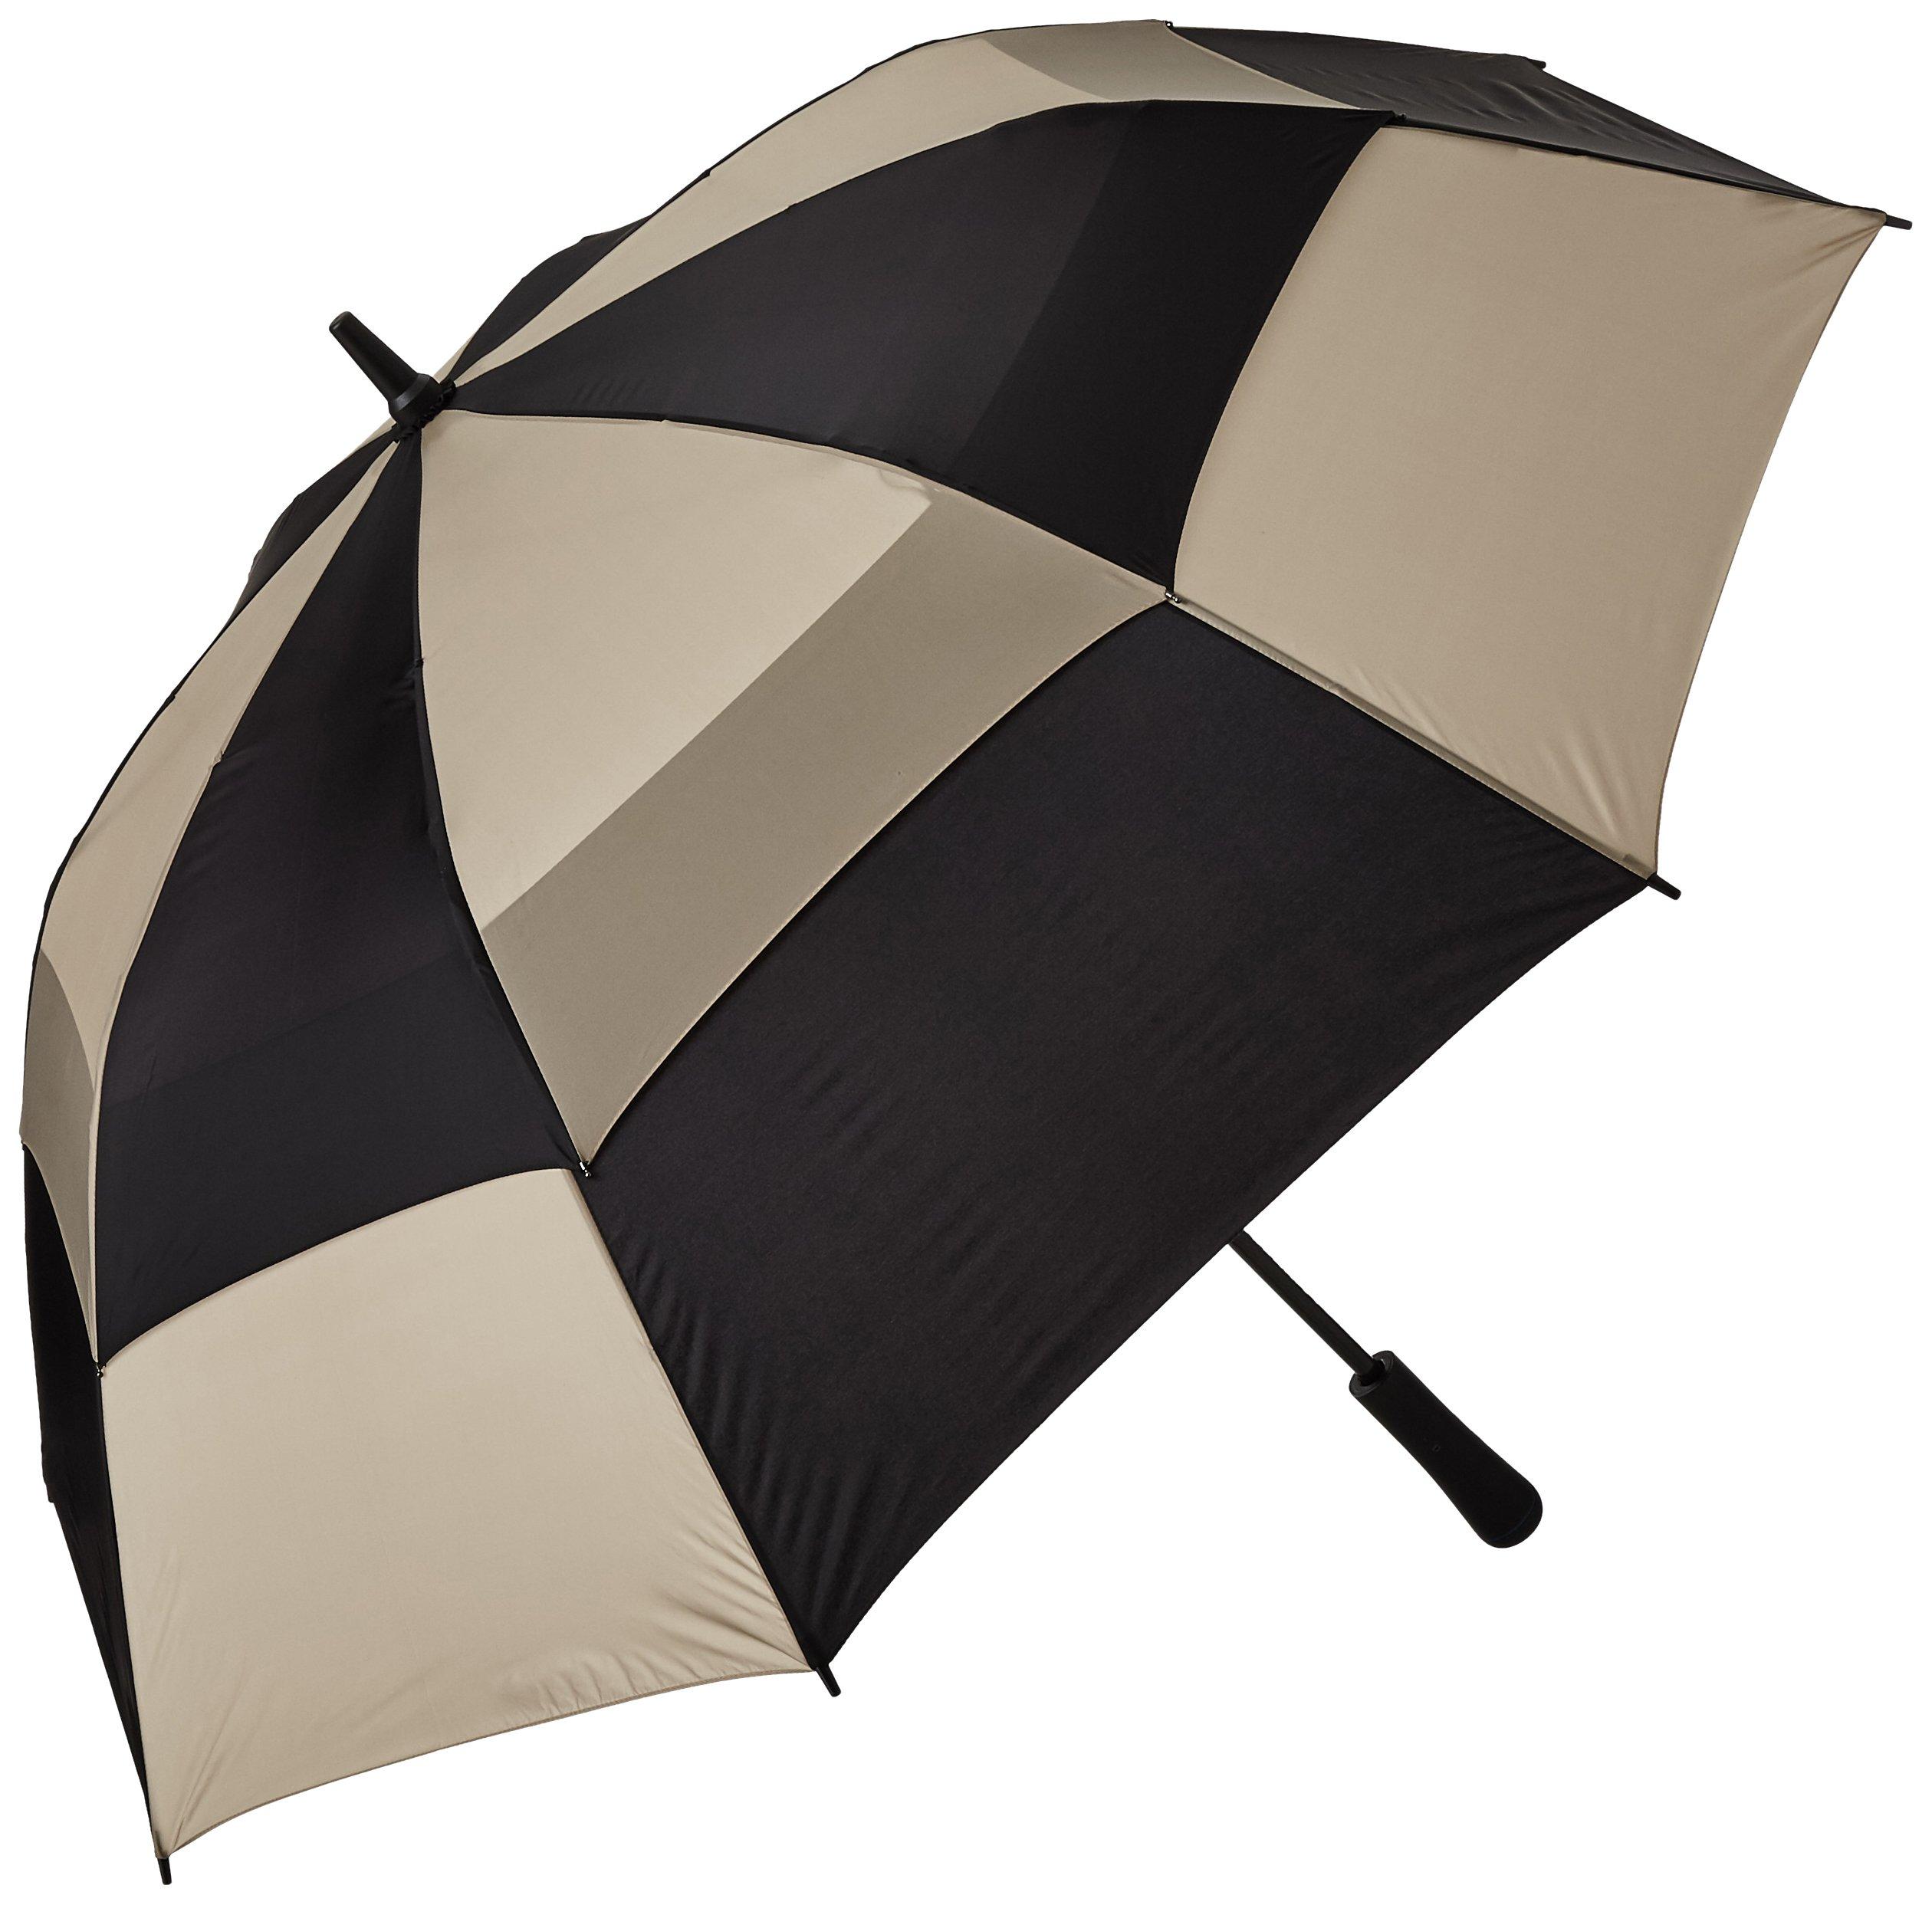 totes Auto Open Vented Golf Stick Umbrella,  Black/British Tan,  One Size